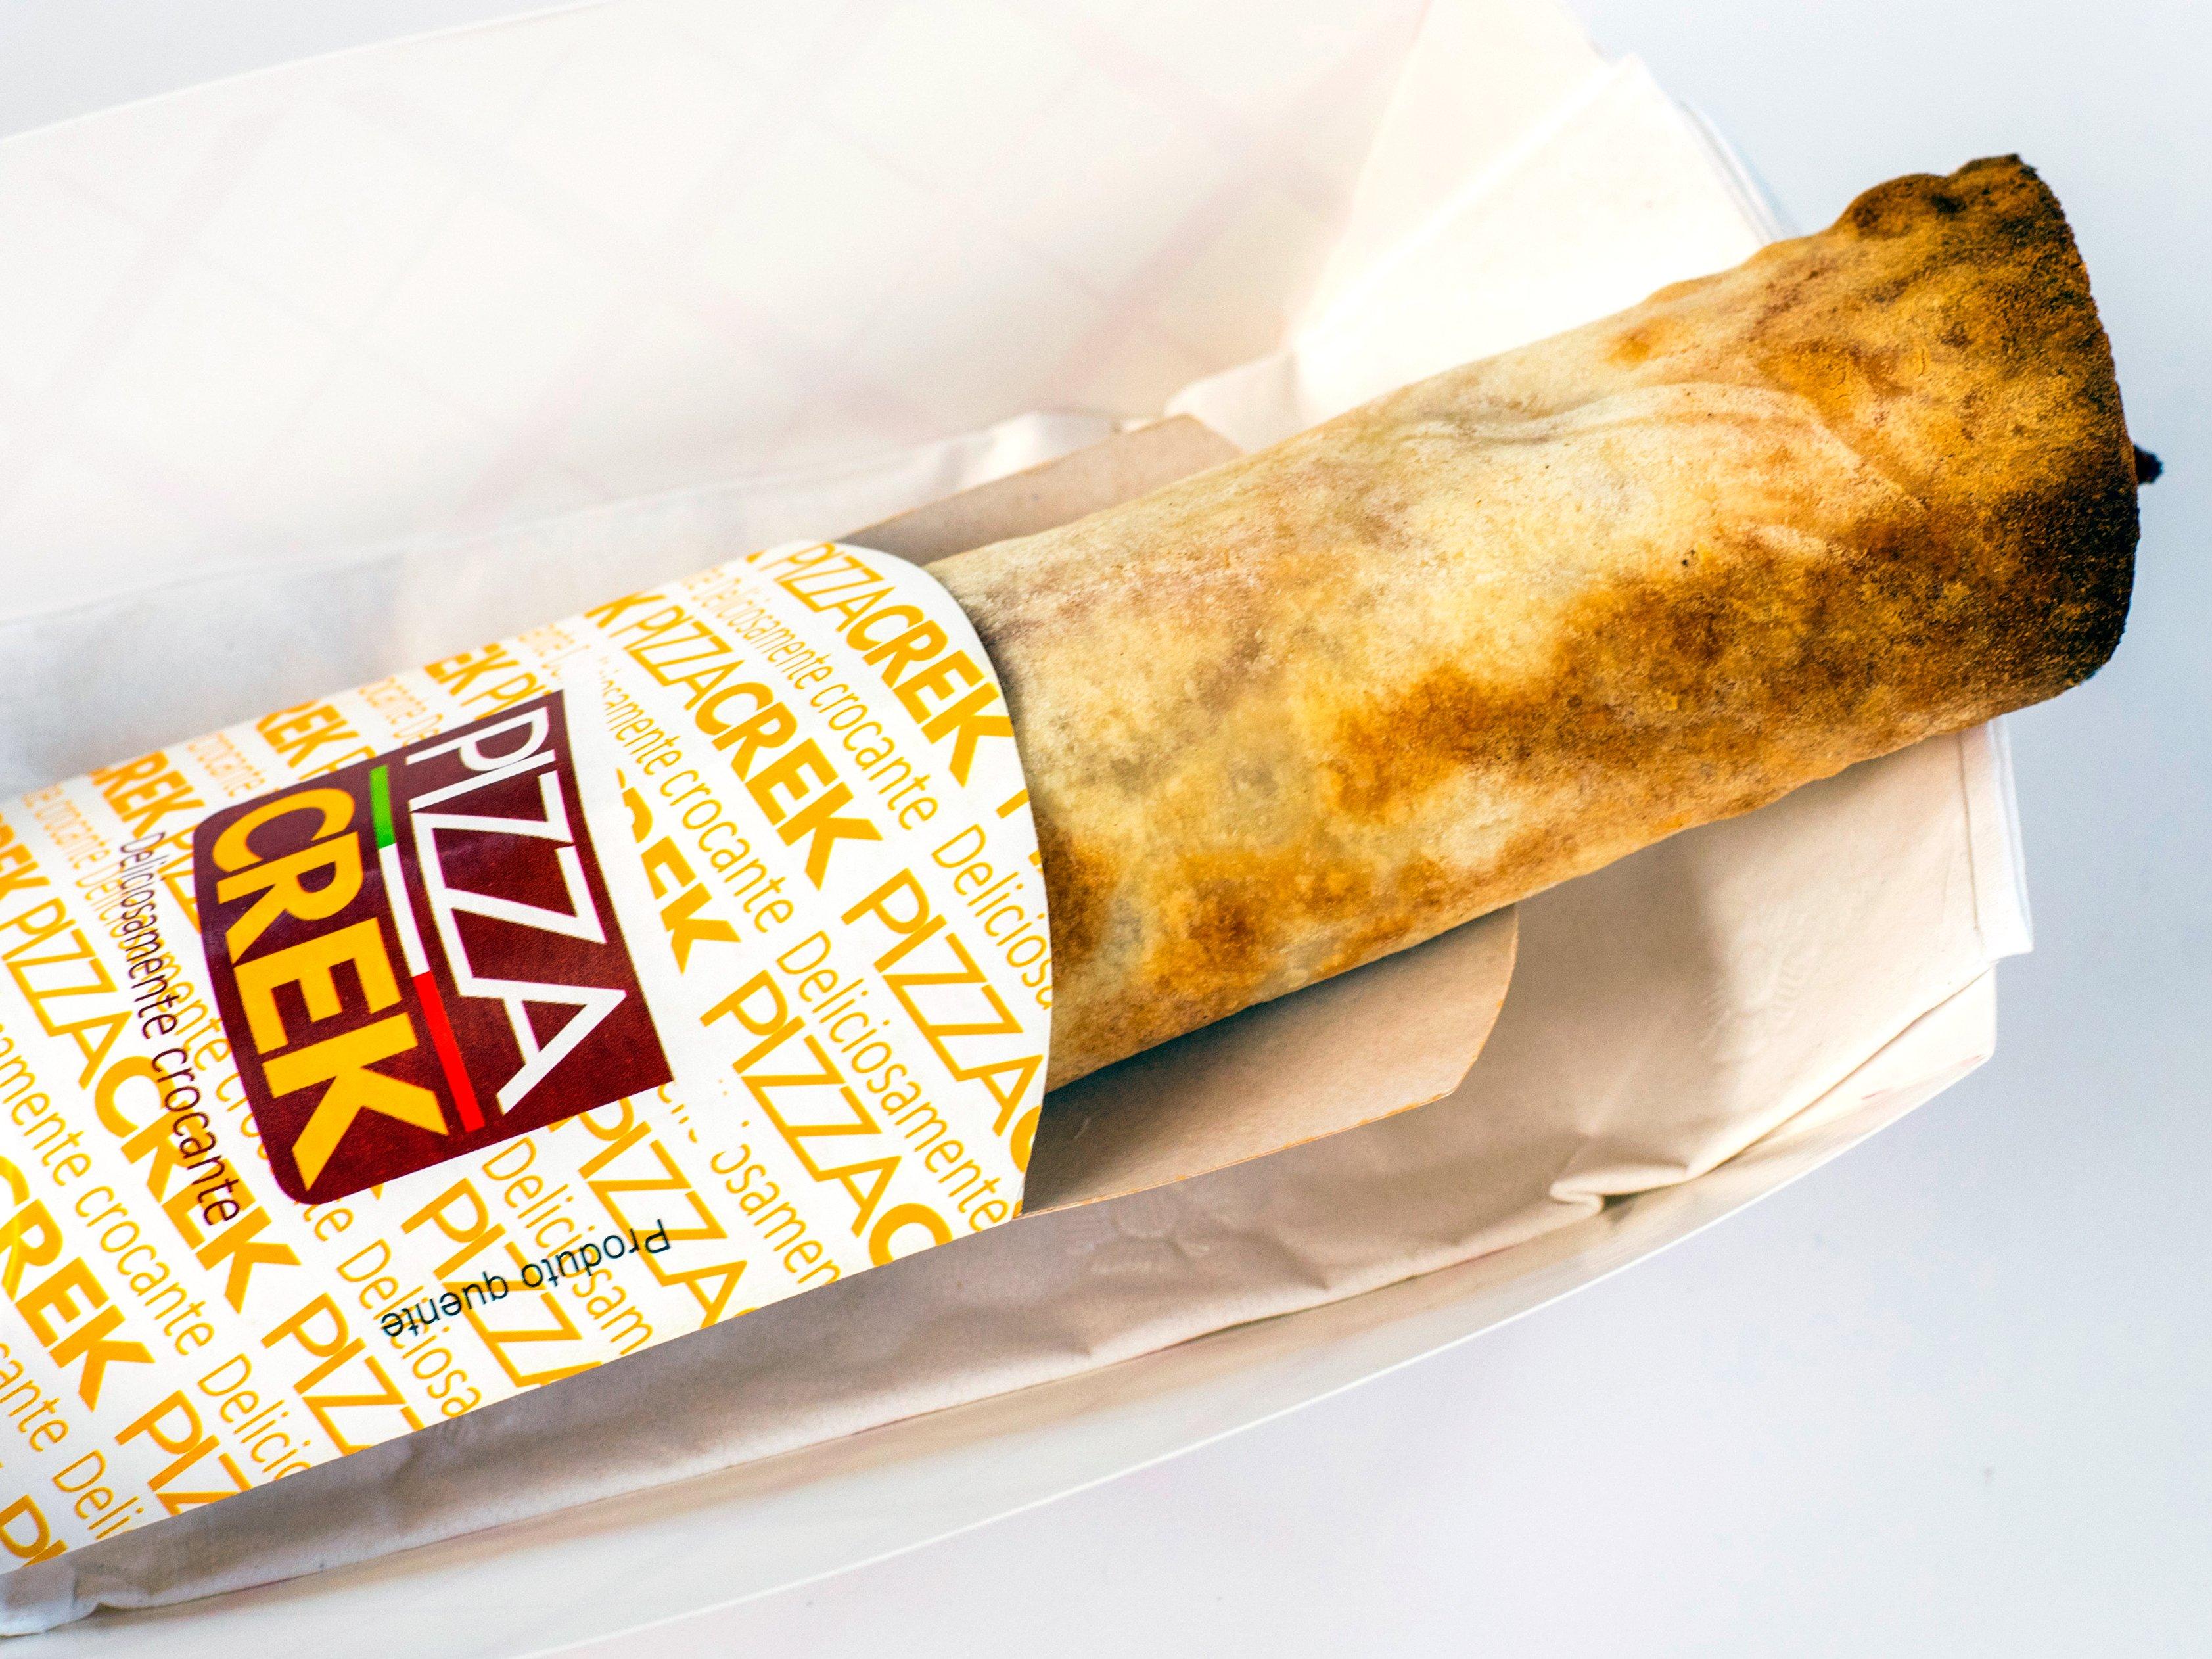 pizza crek delivery in miami